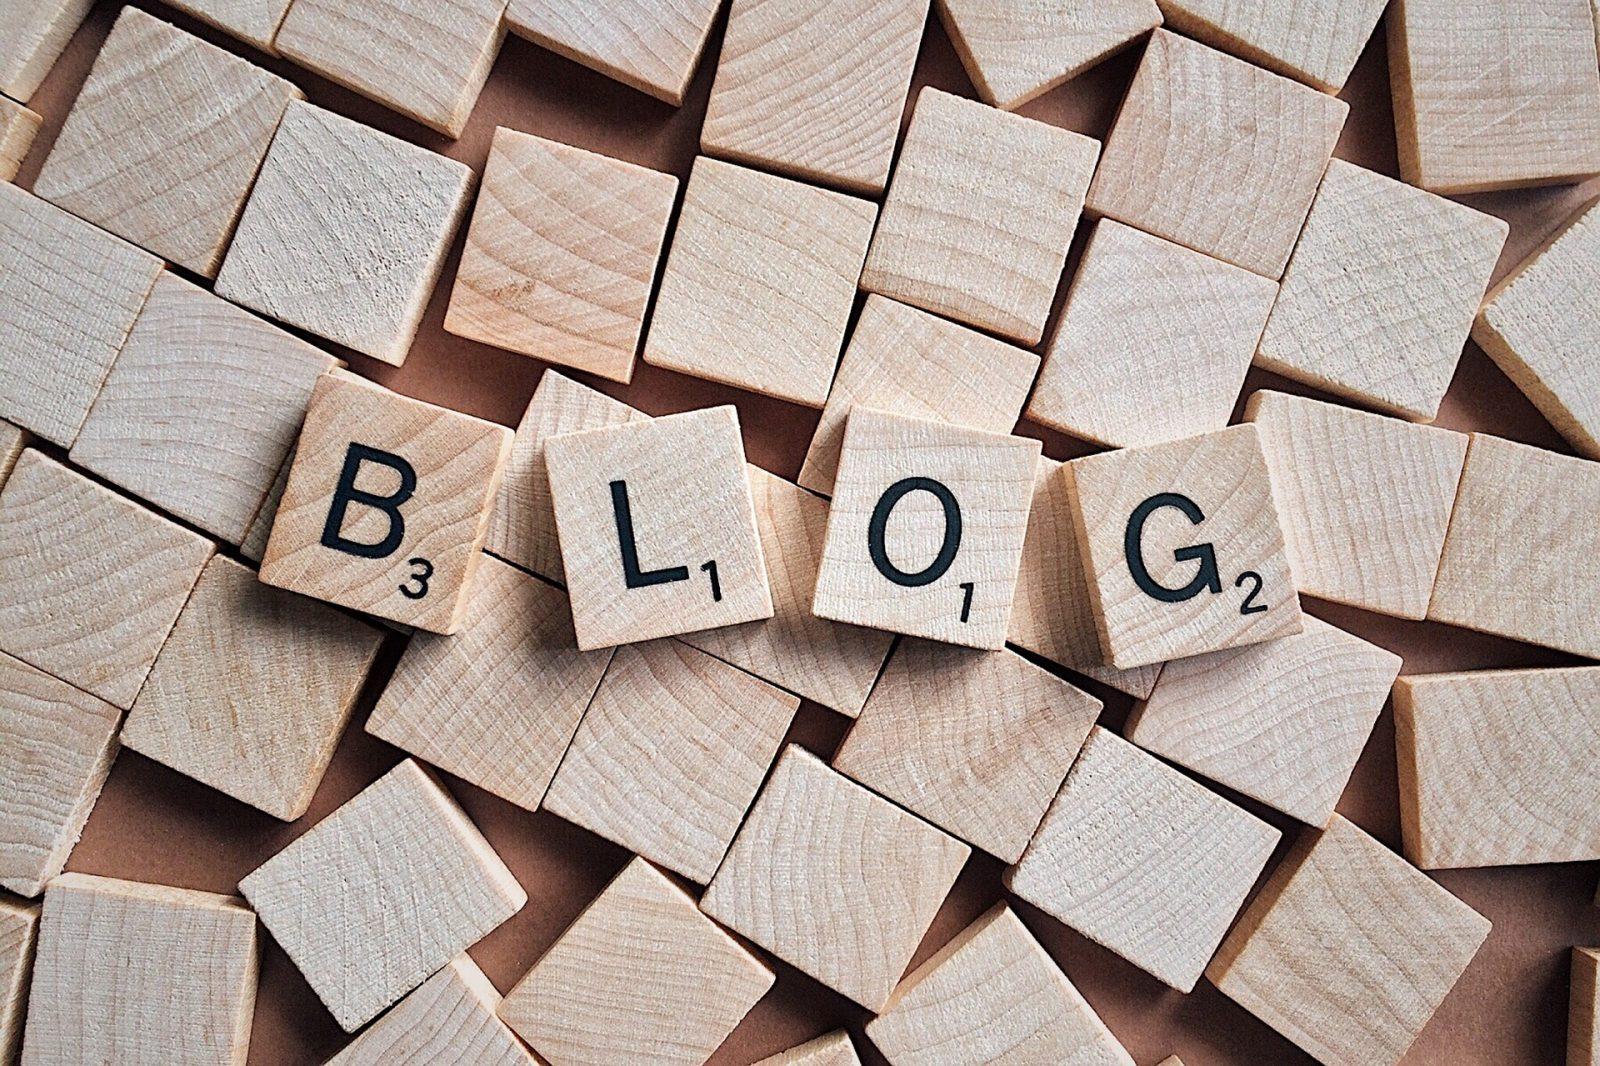 25 Tipps wie du mit deinem Blog Geld verdienst